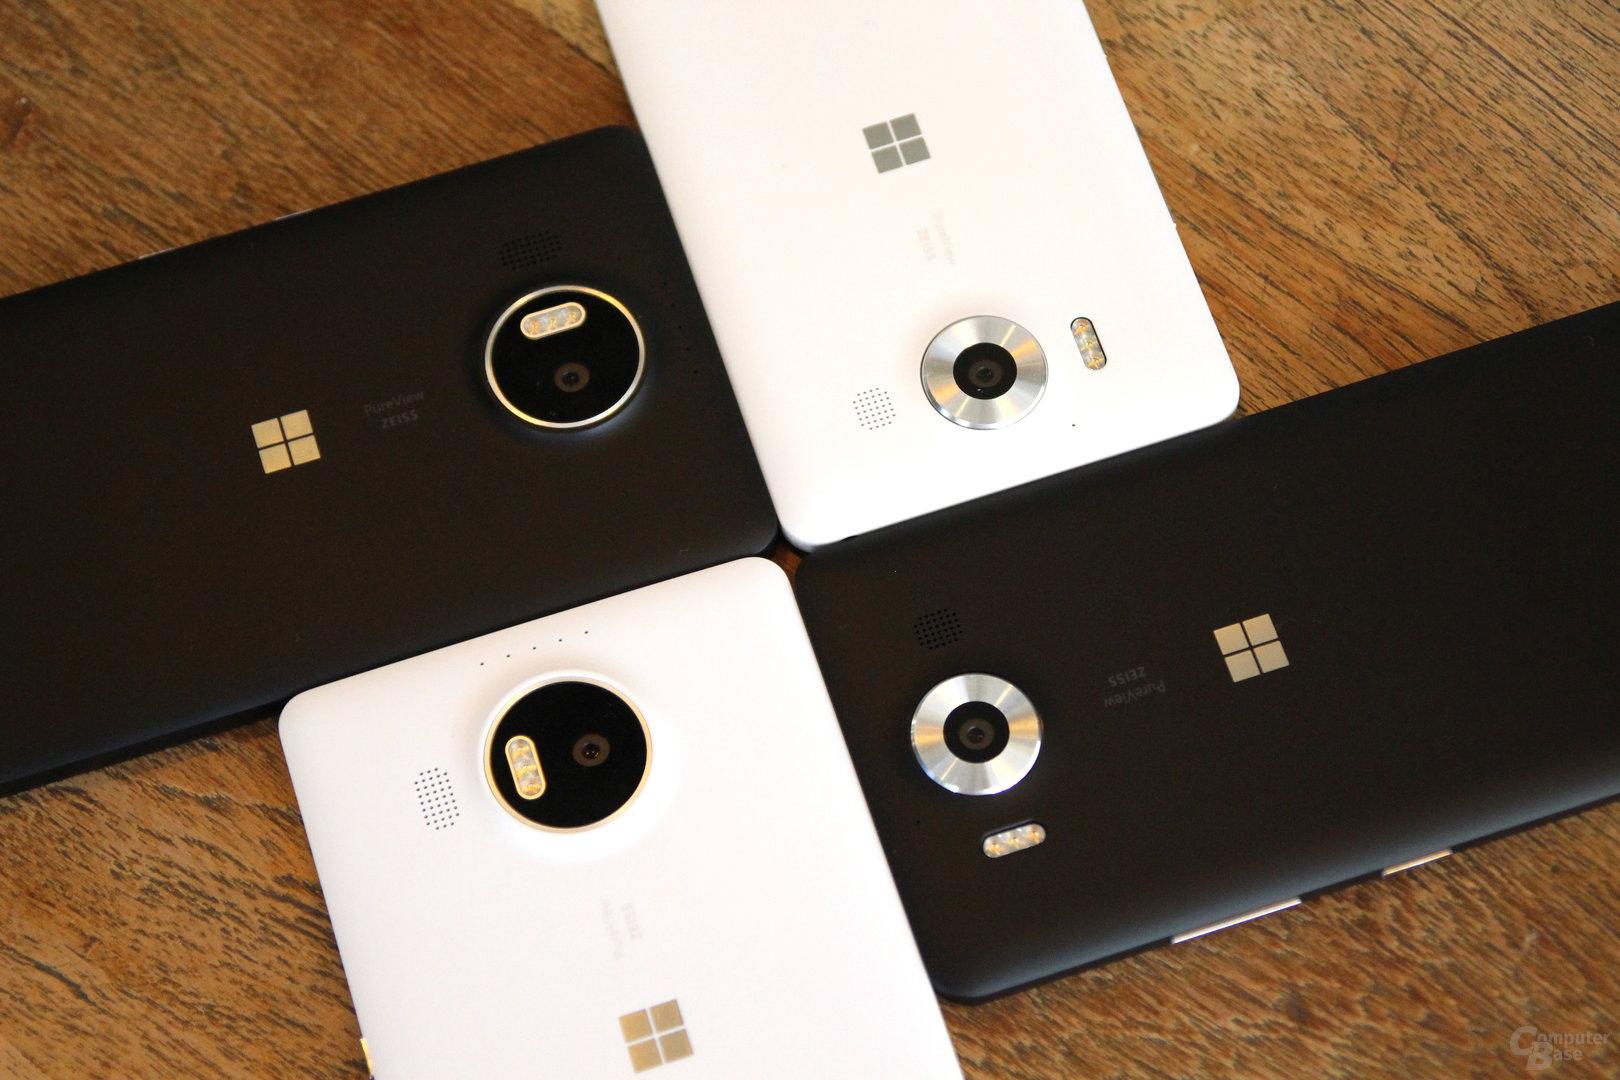 Lumia 950 und 950 XL gibt es nur in Schwarz oder Weiß